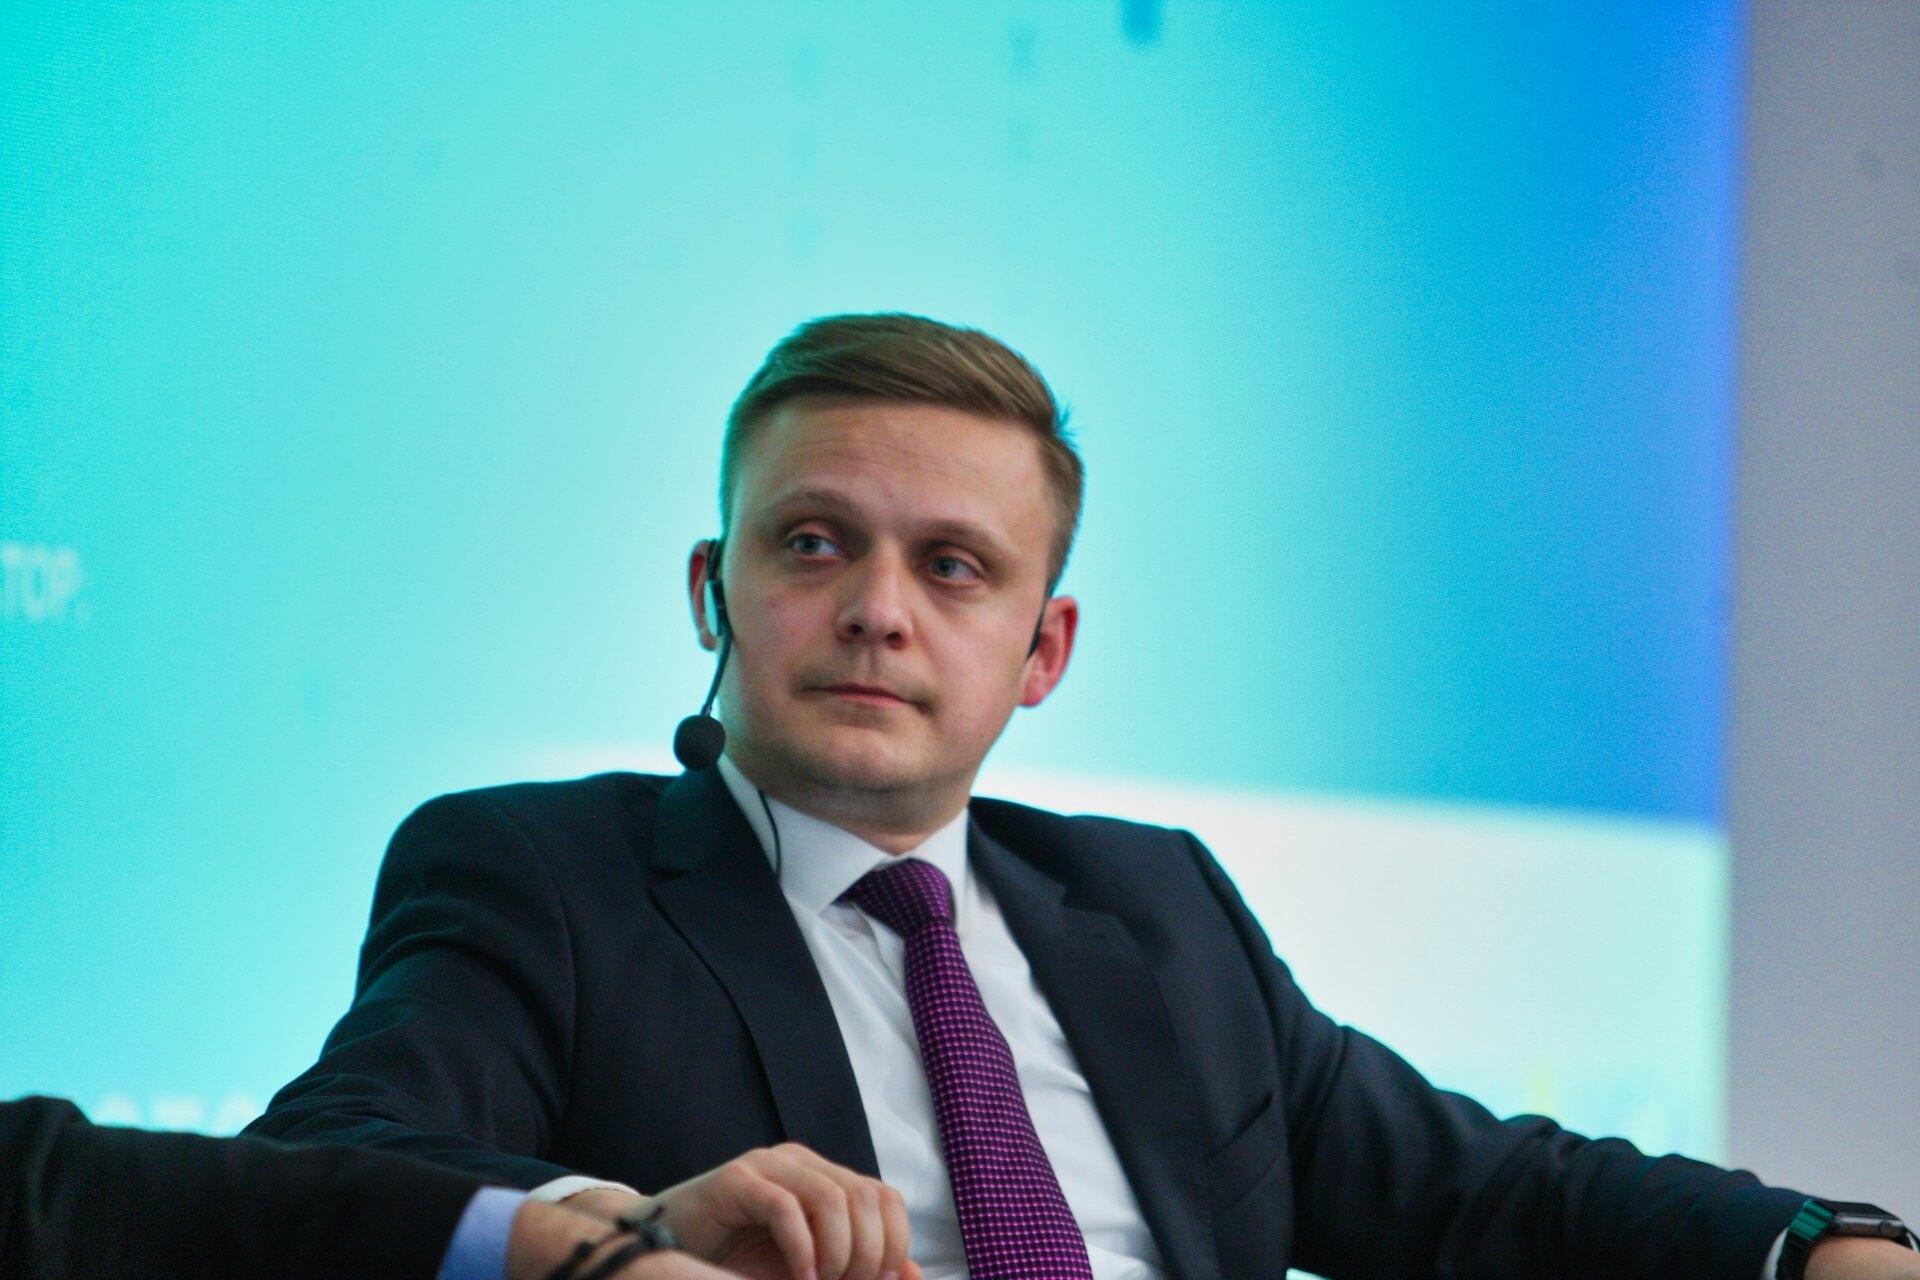 ИКТ Клъстер Бургас влезе в Управителния съвет на Асоциацията на бизнес клъстерите